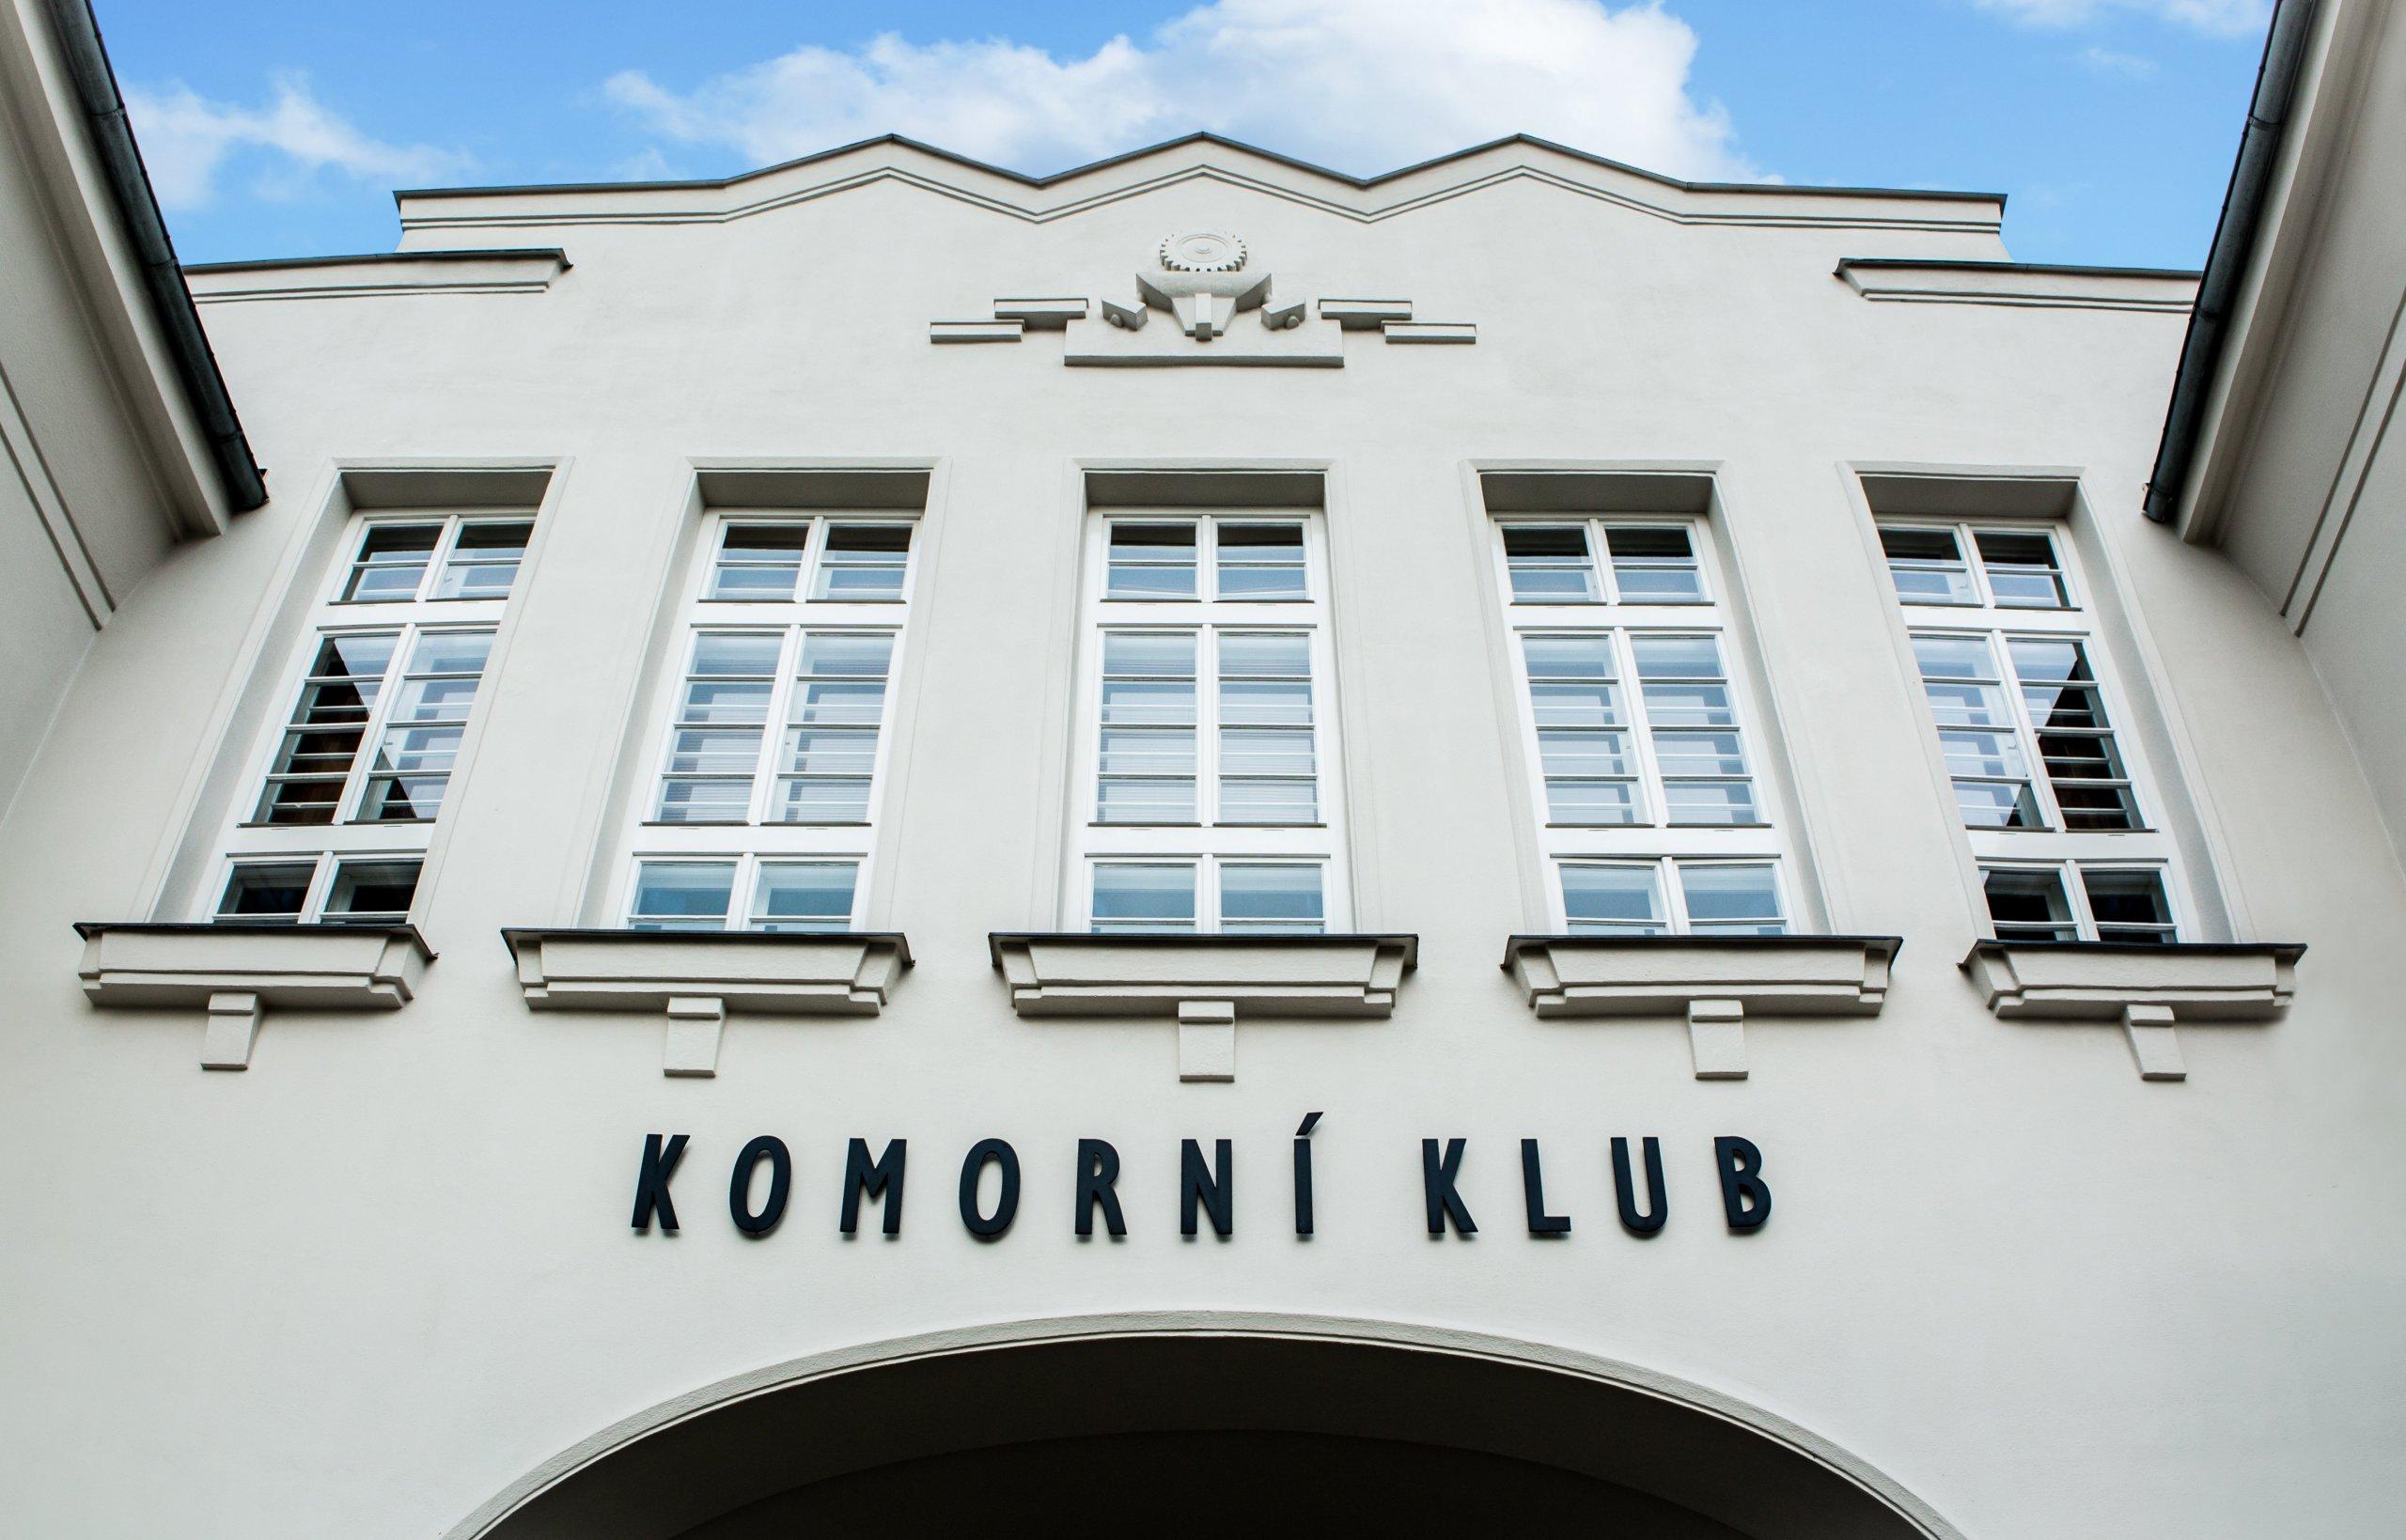 Komorní klub vJubilejní koloniina Velflíkově ulici v Ostravě-Hrabůvce je umístěn v budově z roku 1928. Tato budova byla v roce 2002 vyhlášena&nbsp…